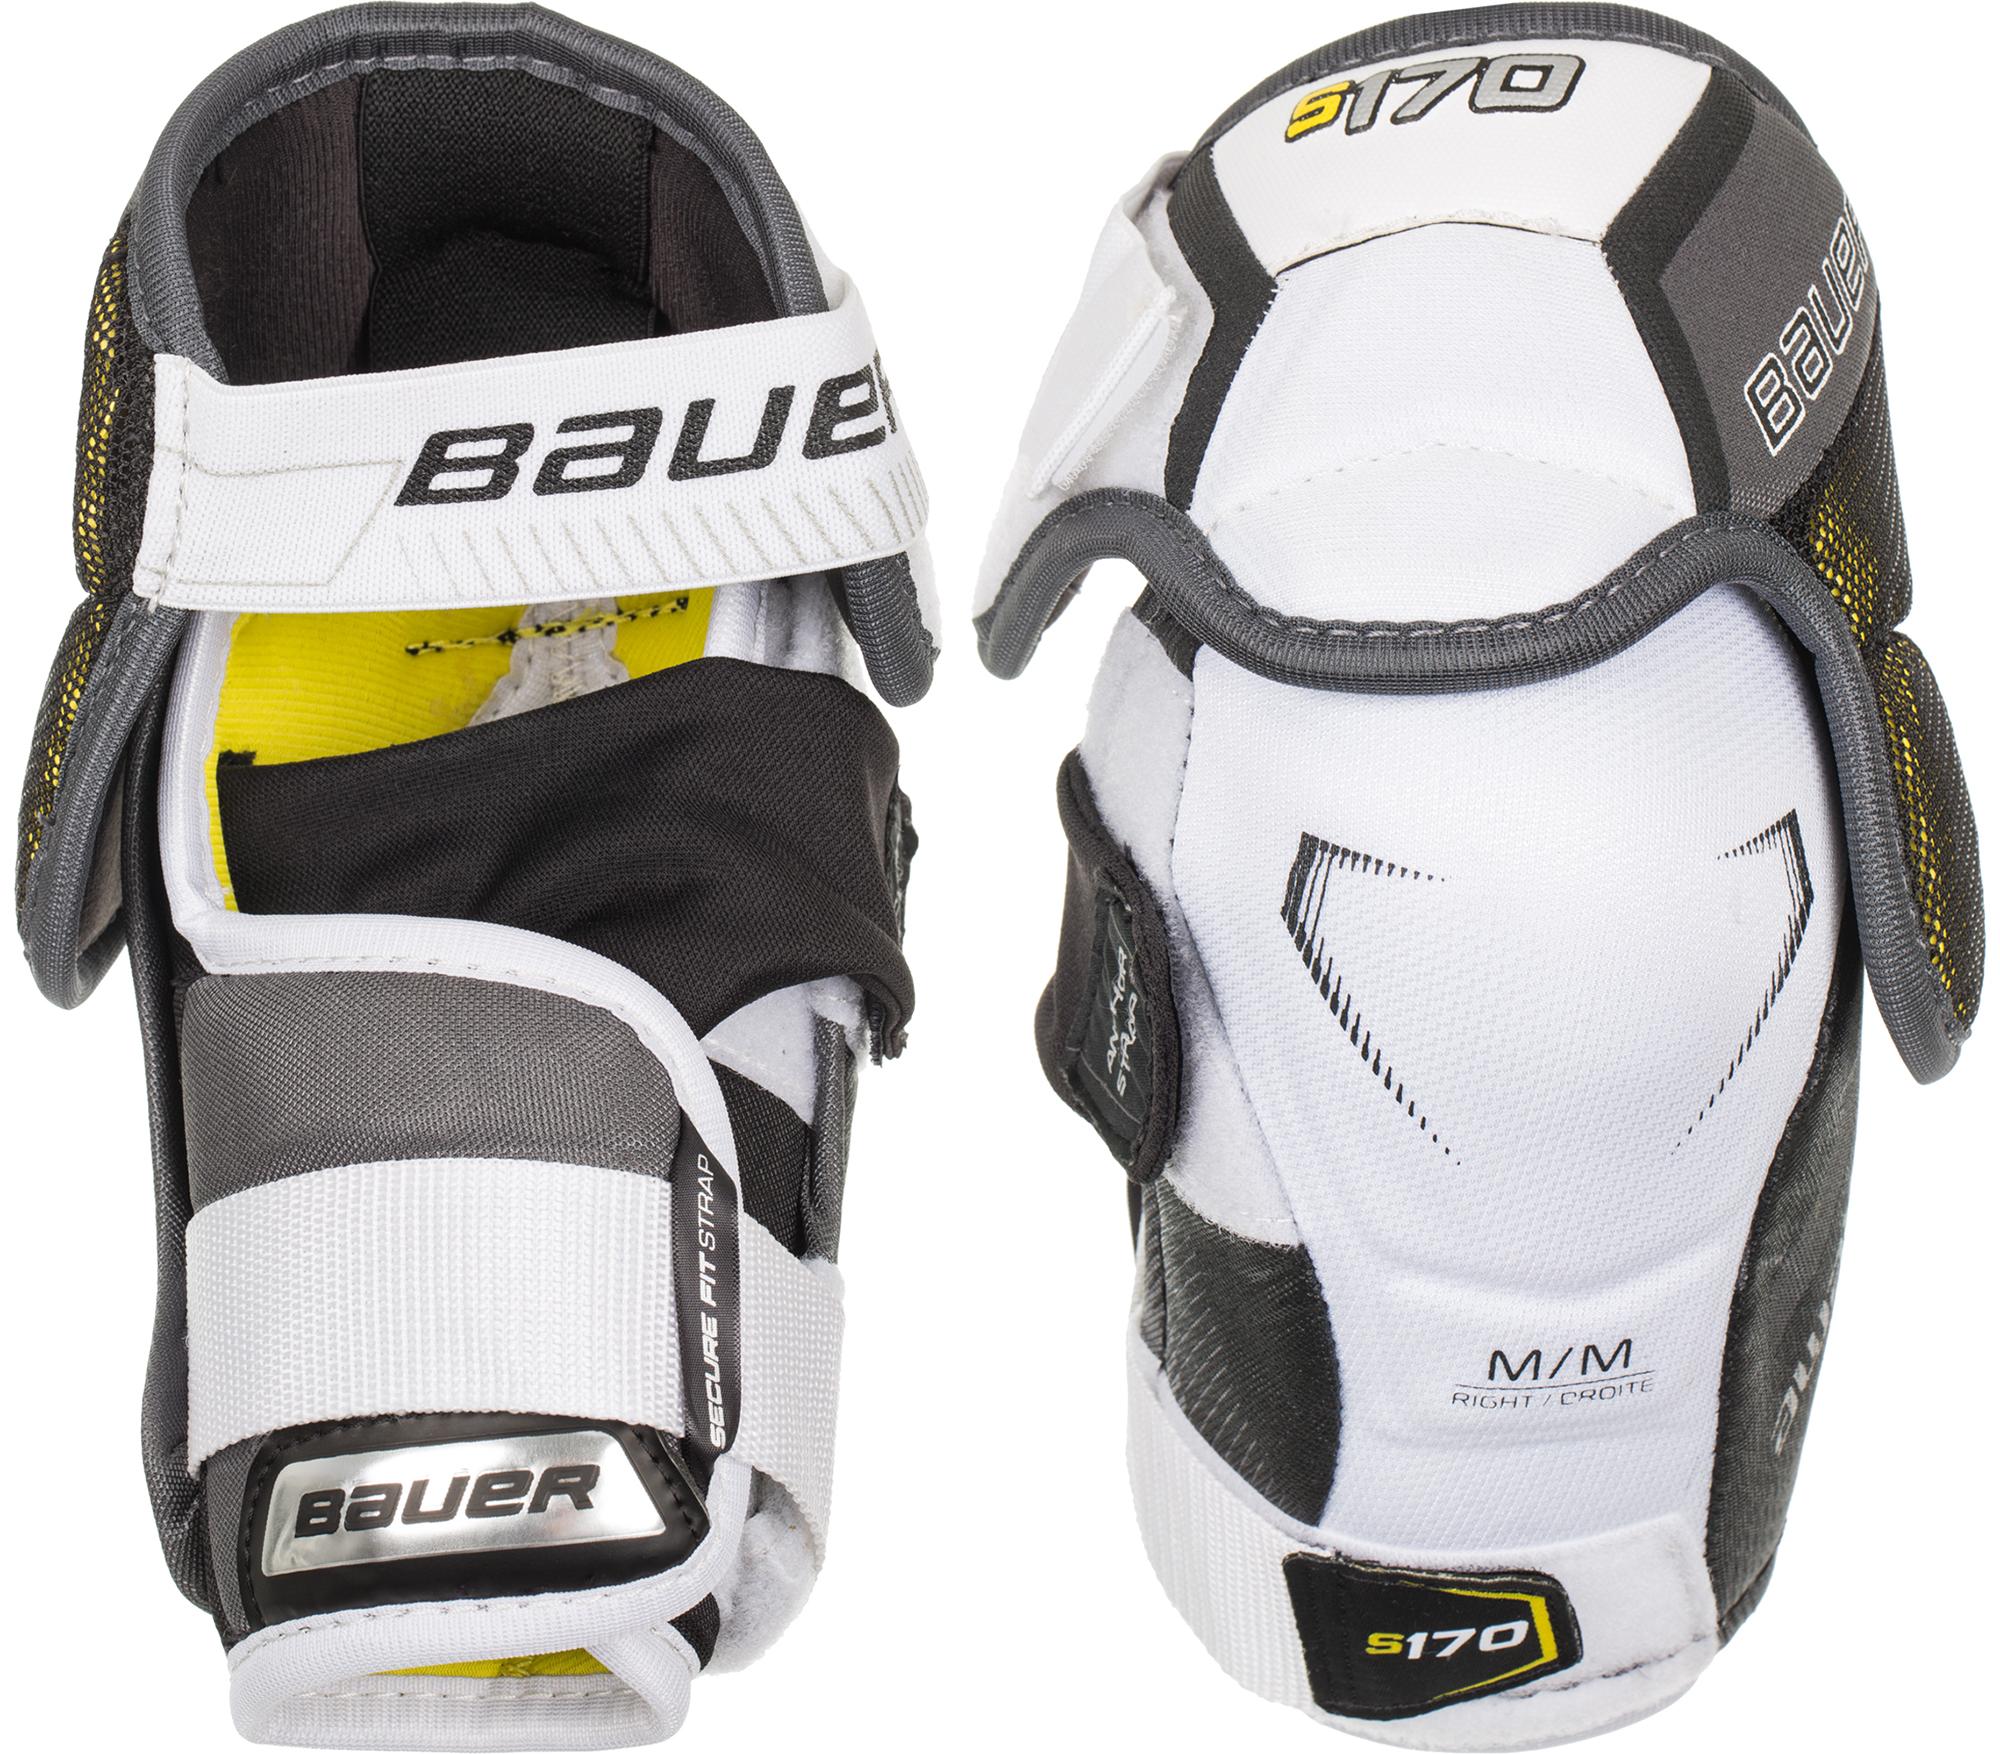 все цены на Bauer Налокотники хоккейные детские Bauer S17 Supreme S170 онлайн